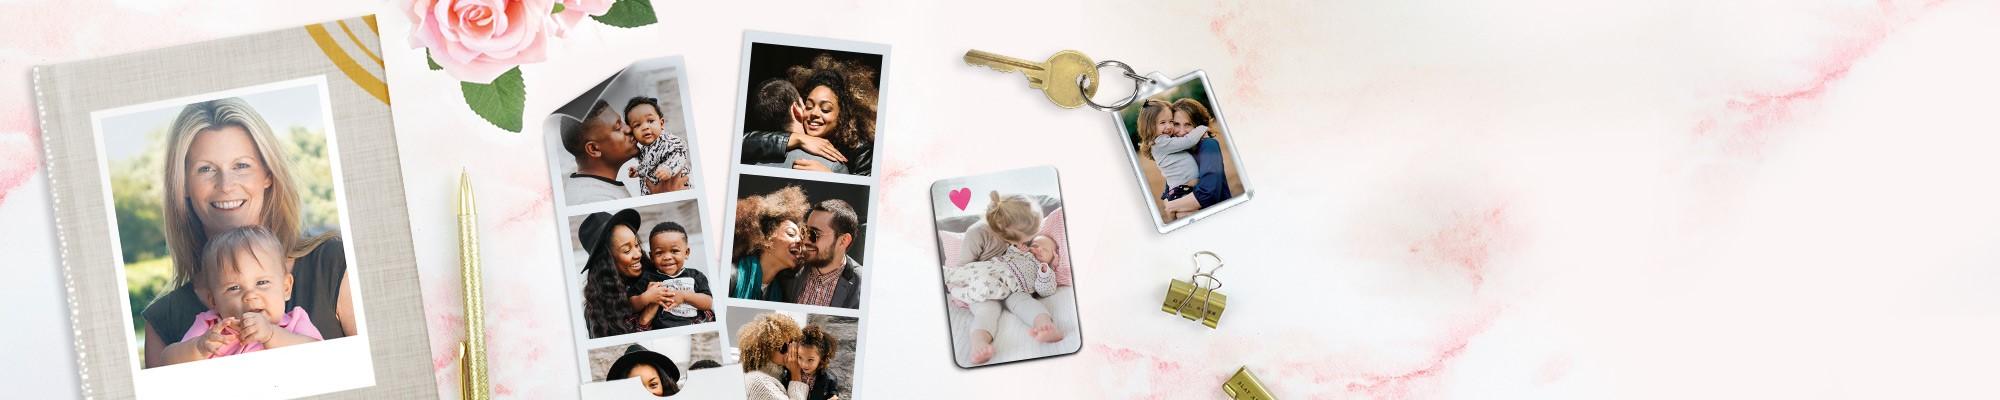 Cadeaux photos personnalisés pour hommes et femmes